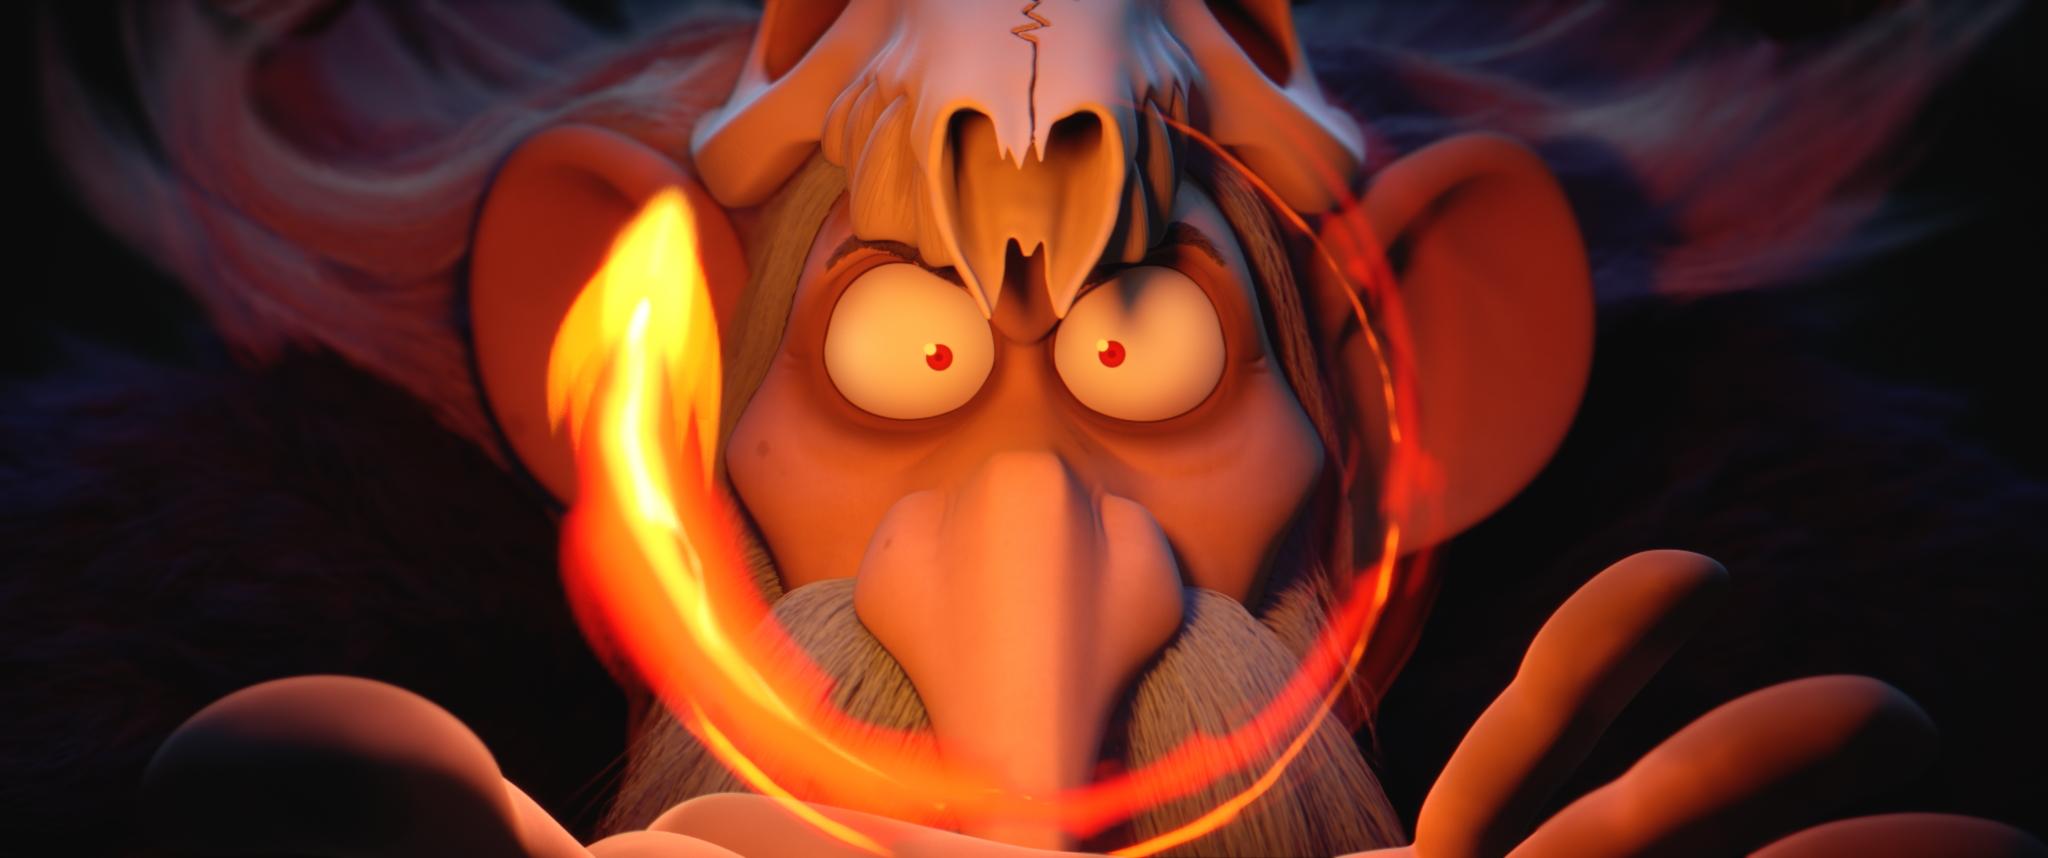 Asterix pozione magica 03